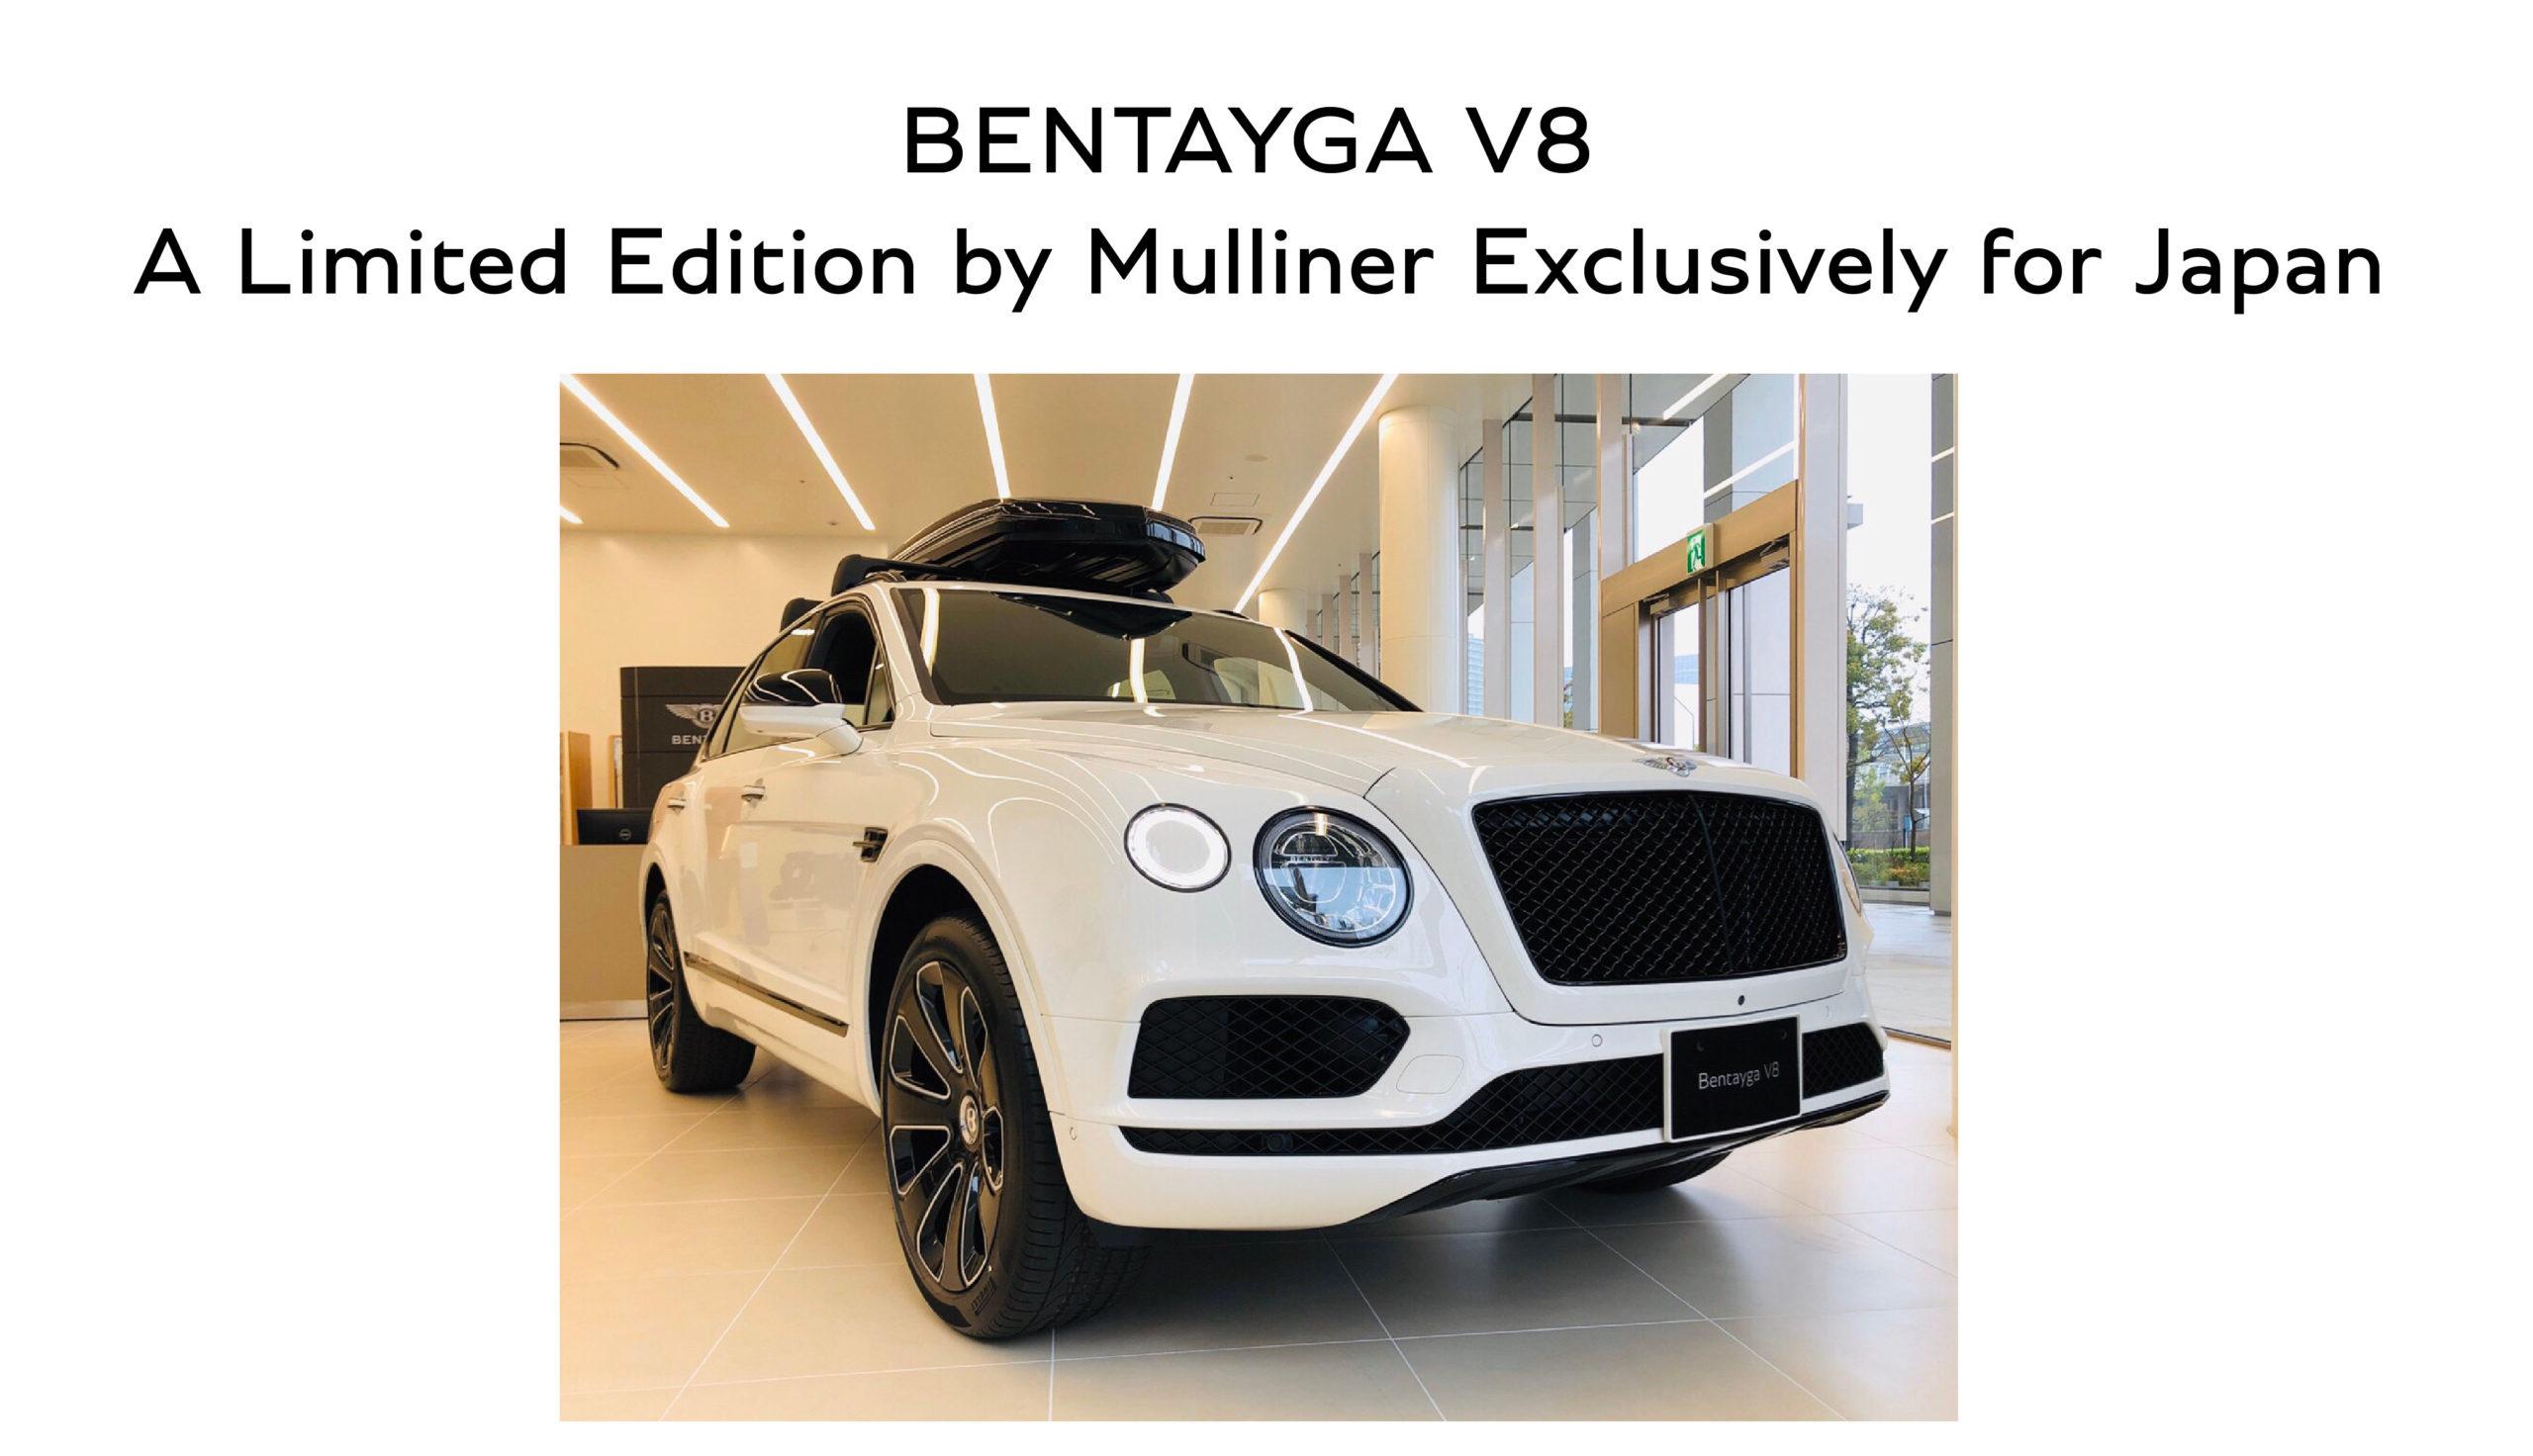 【新車情報】BENTAYGA V8 A Limited Edition by Mulliner Exclusively for Japan